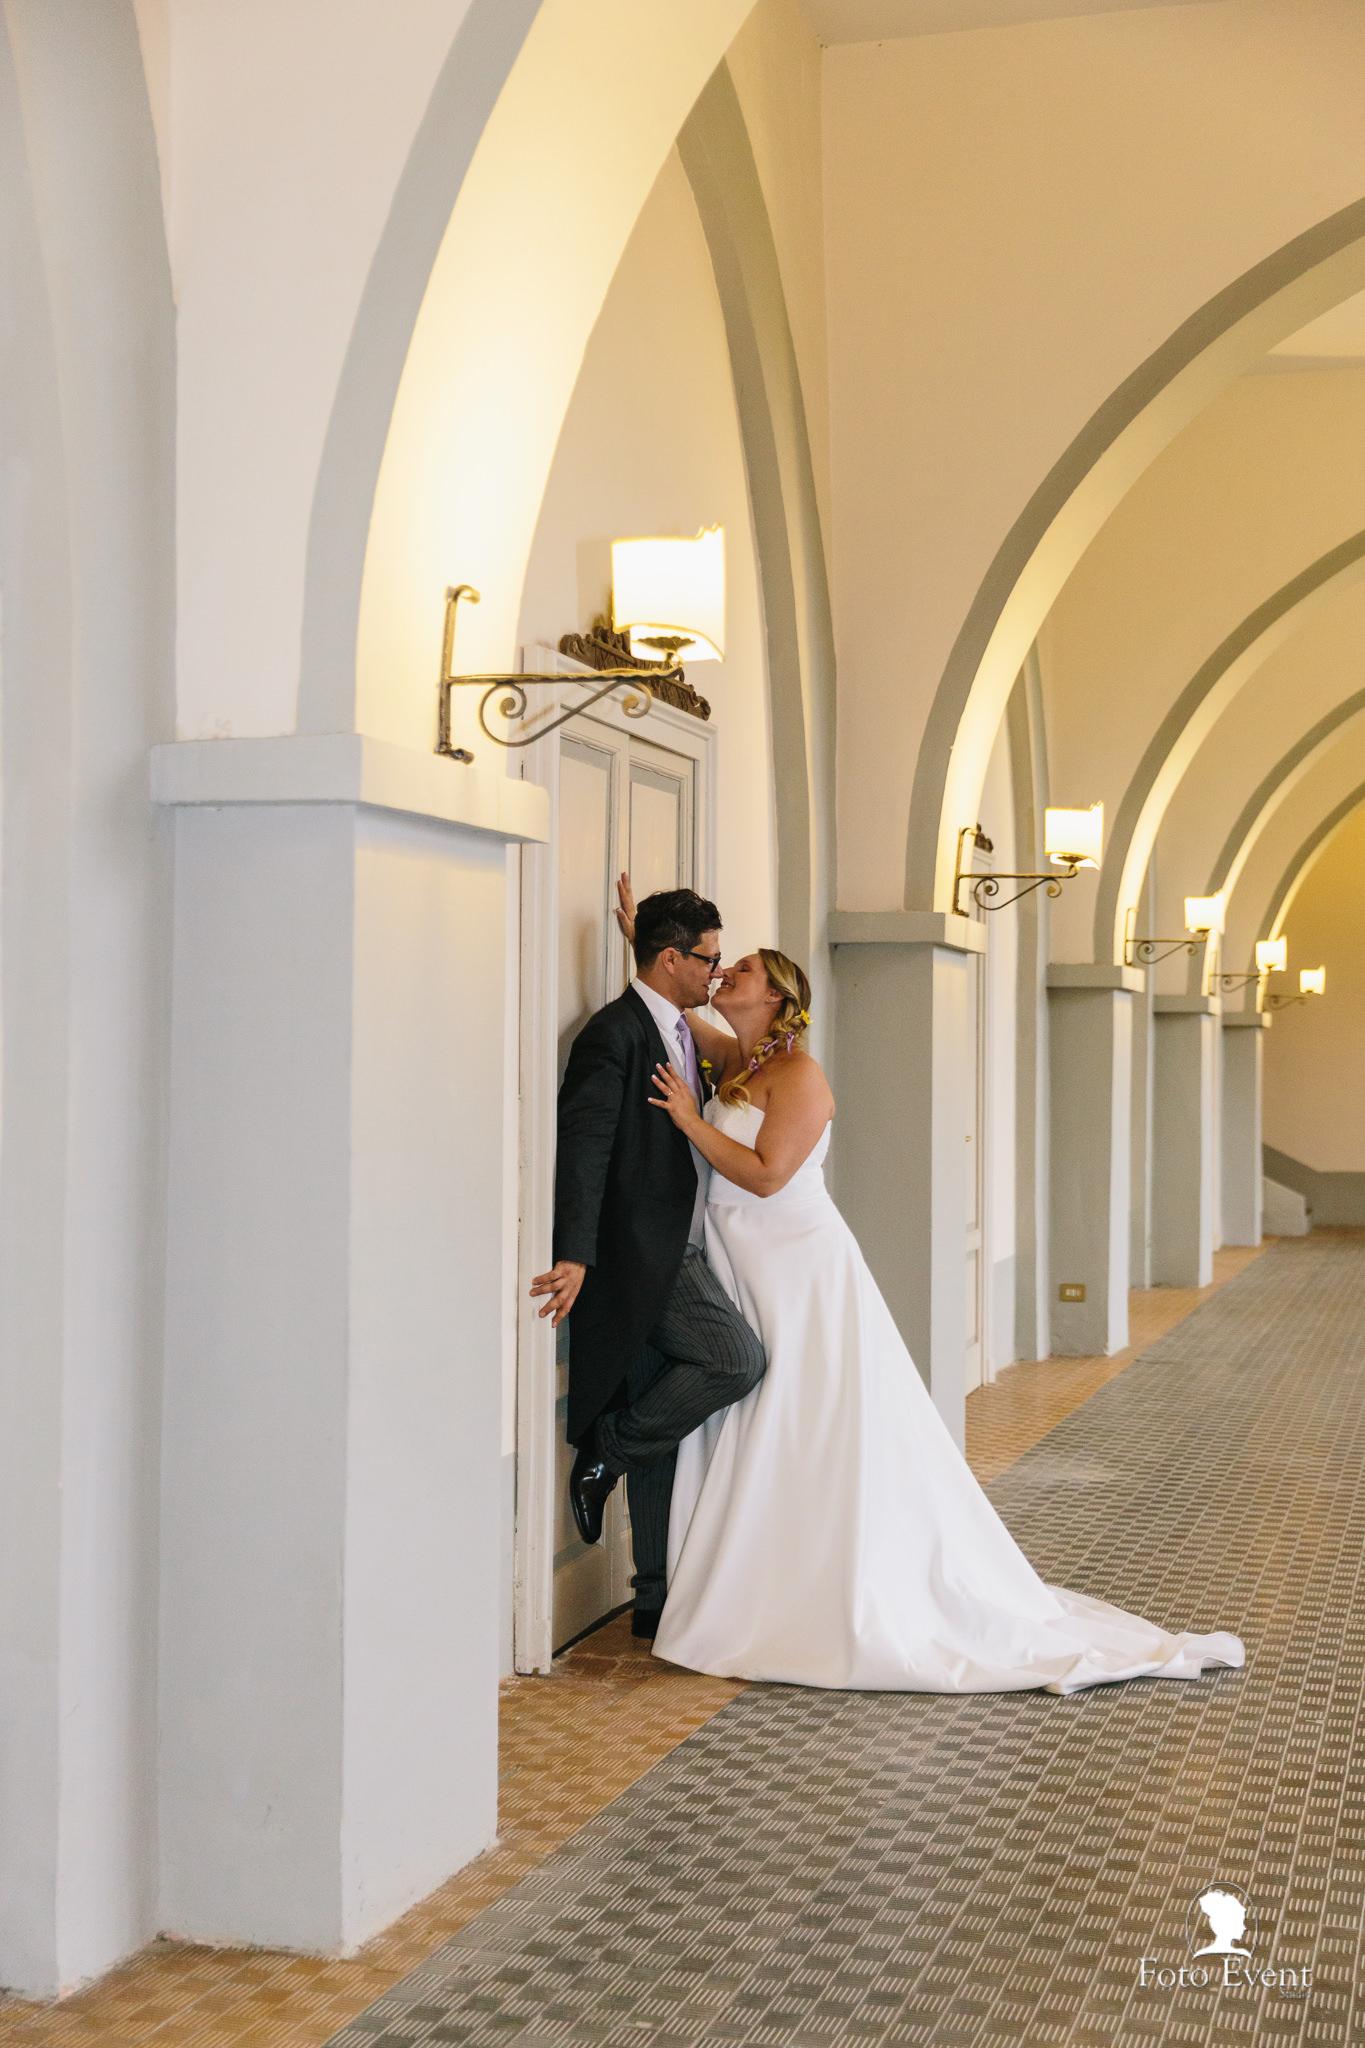 062-2019-07-27-Matrimonio-Valentina-e-Alessandro-Pettinari-5DE-1247